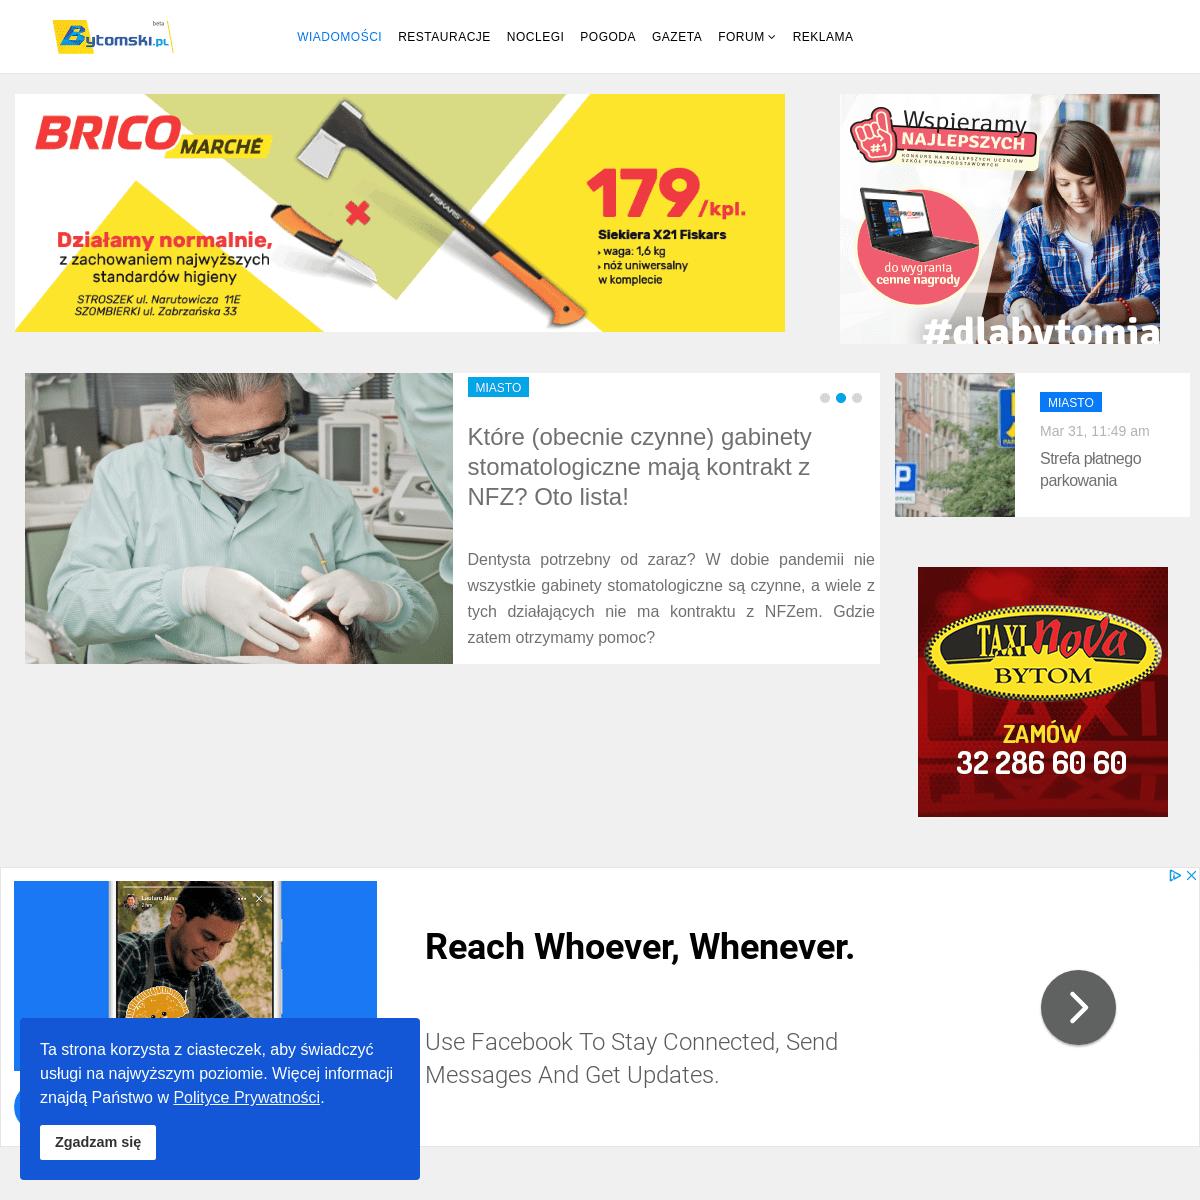 Bytom - Bytomski Portal i Gazeta - Bytomski.pl